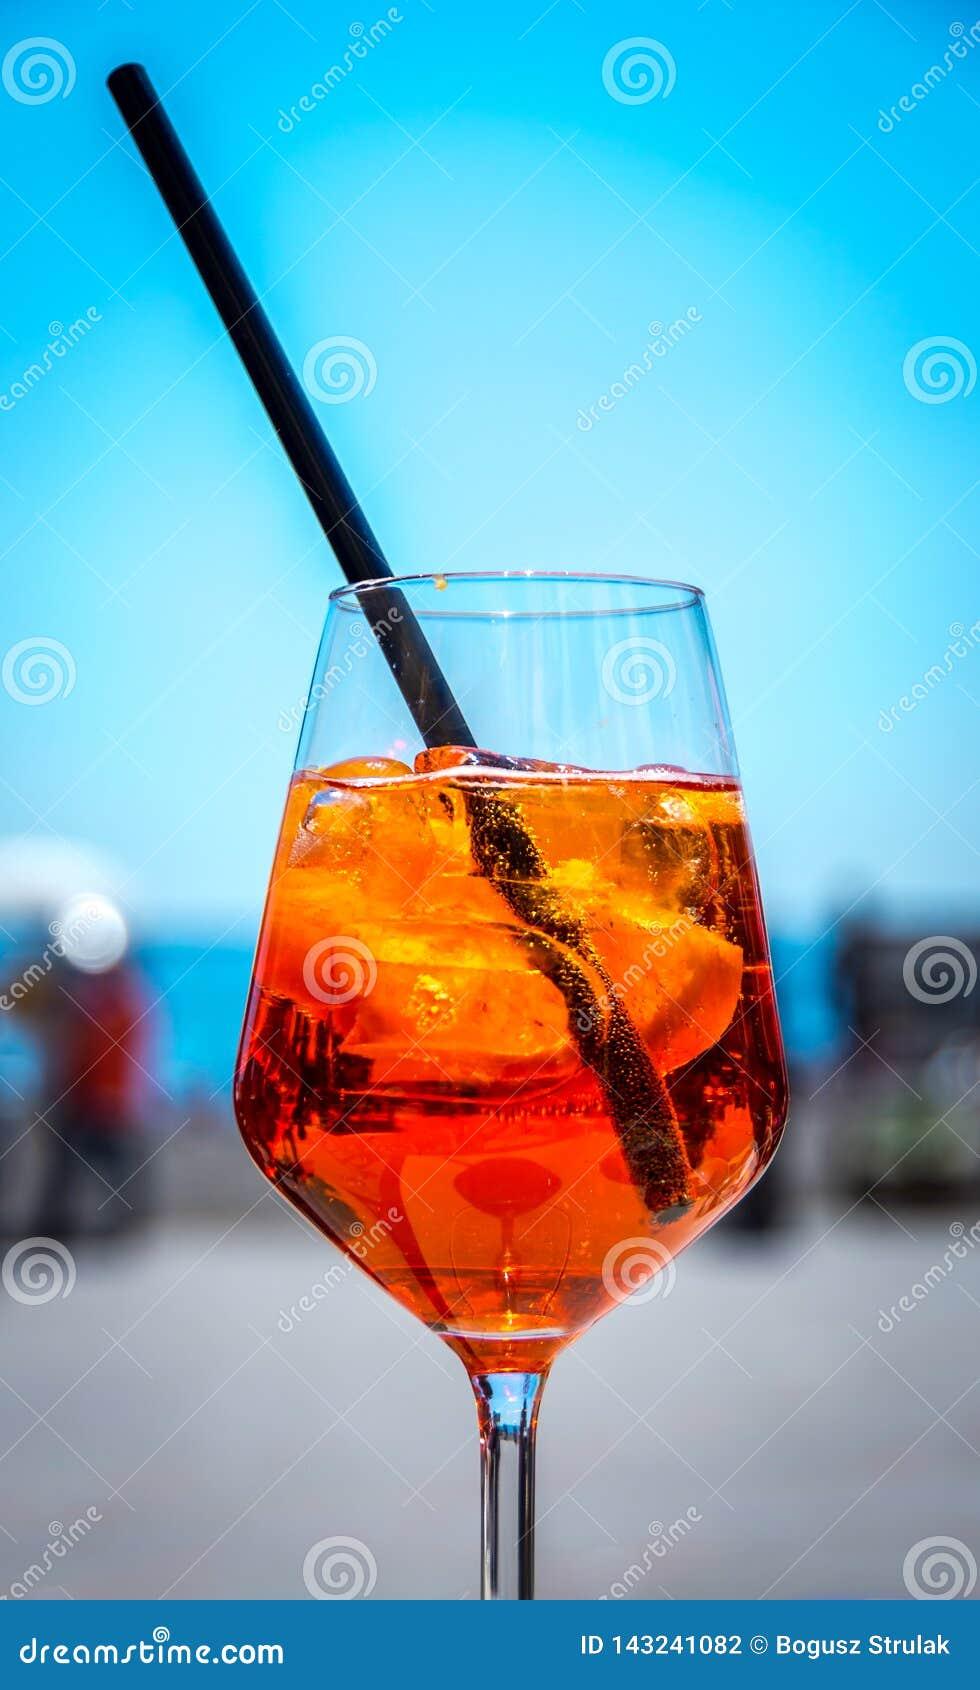 Διάσημο ιταλικό Aperol spritz κατά τη διάρκεια του καυτού καλοκαιριού